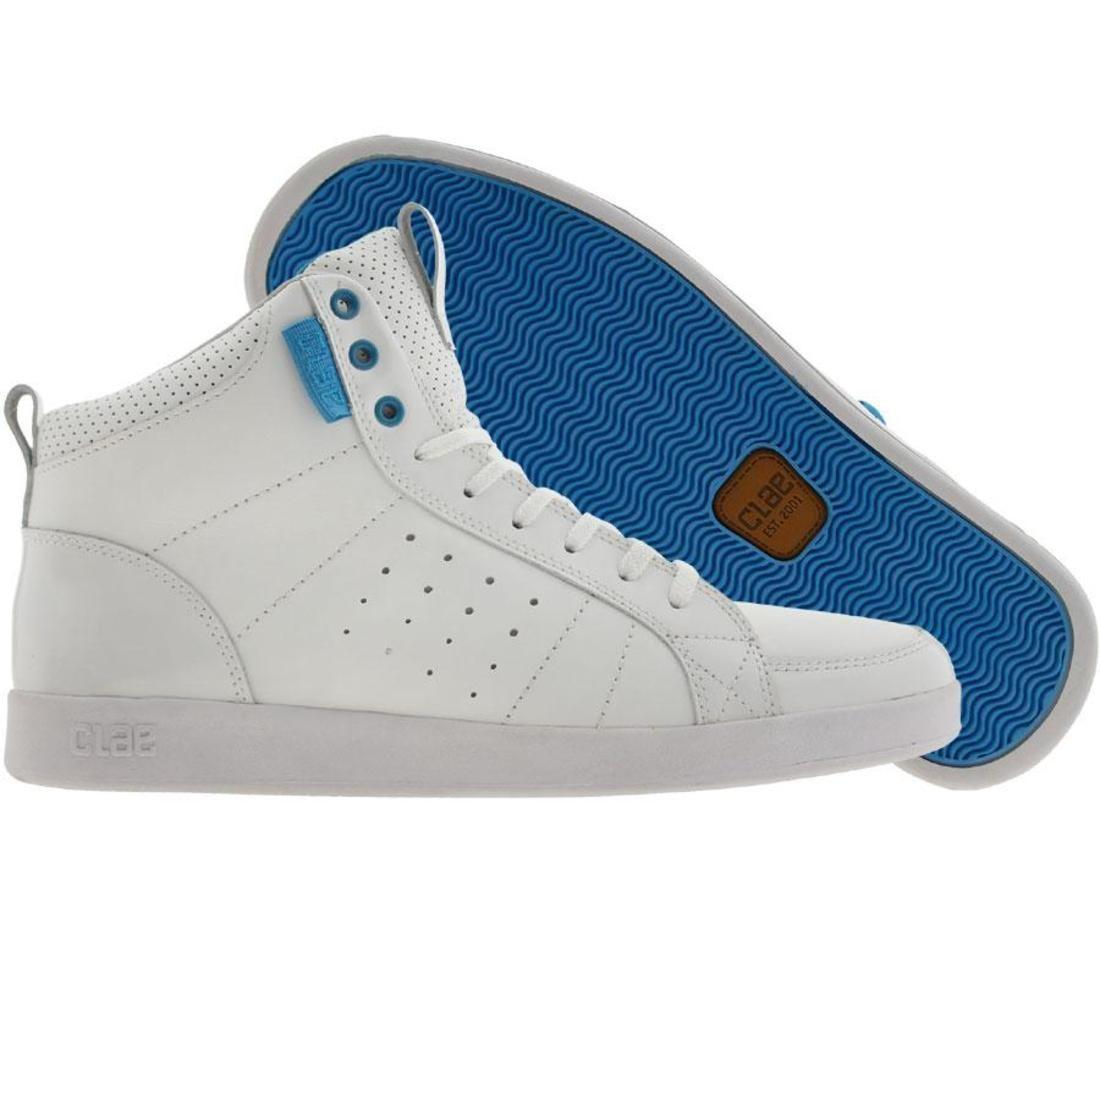 【海外限定】ラッセル 白 ホワイト パテント スニーカー メンズ靴 【 WHITE CLAE RUSSELL PATENT BLUE 】